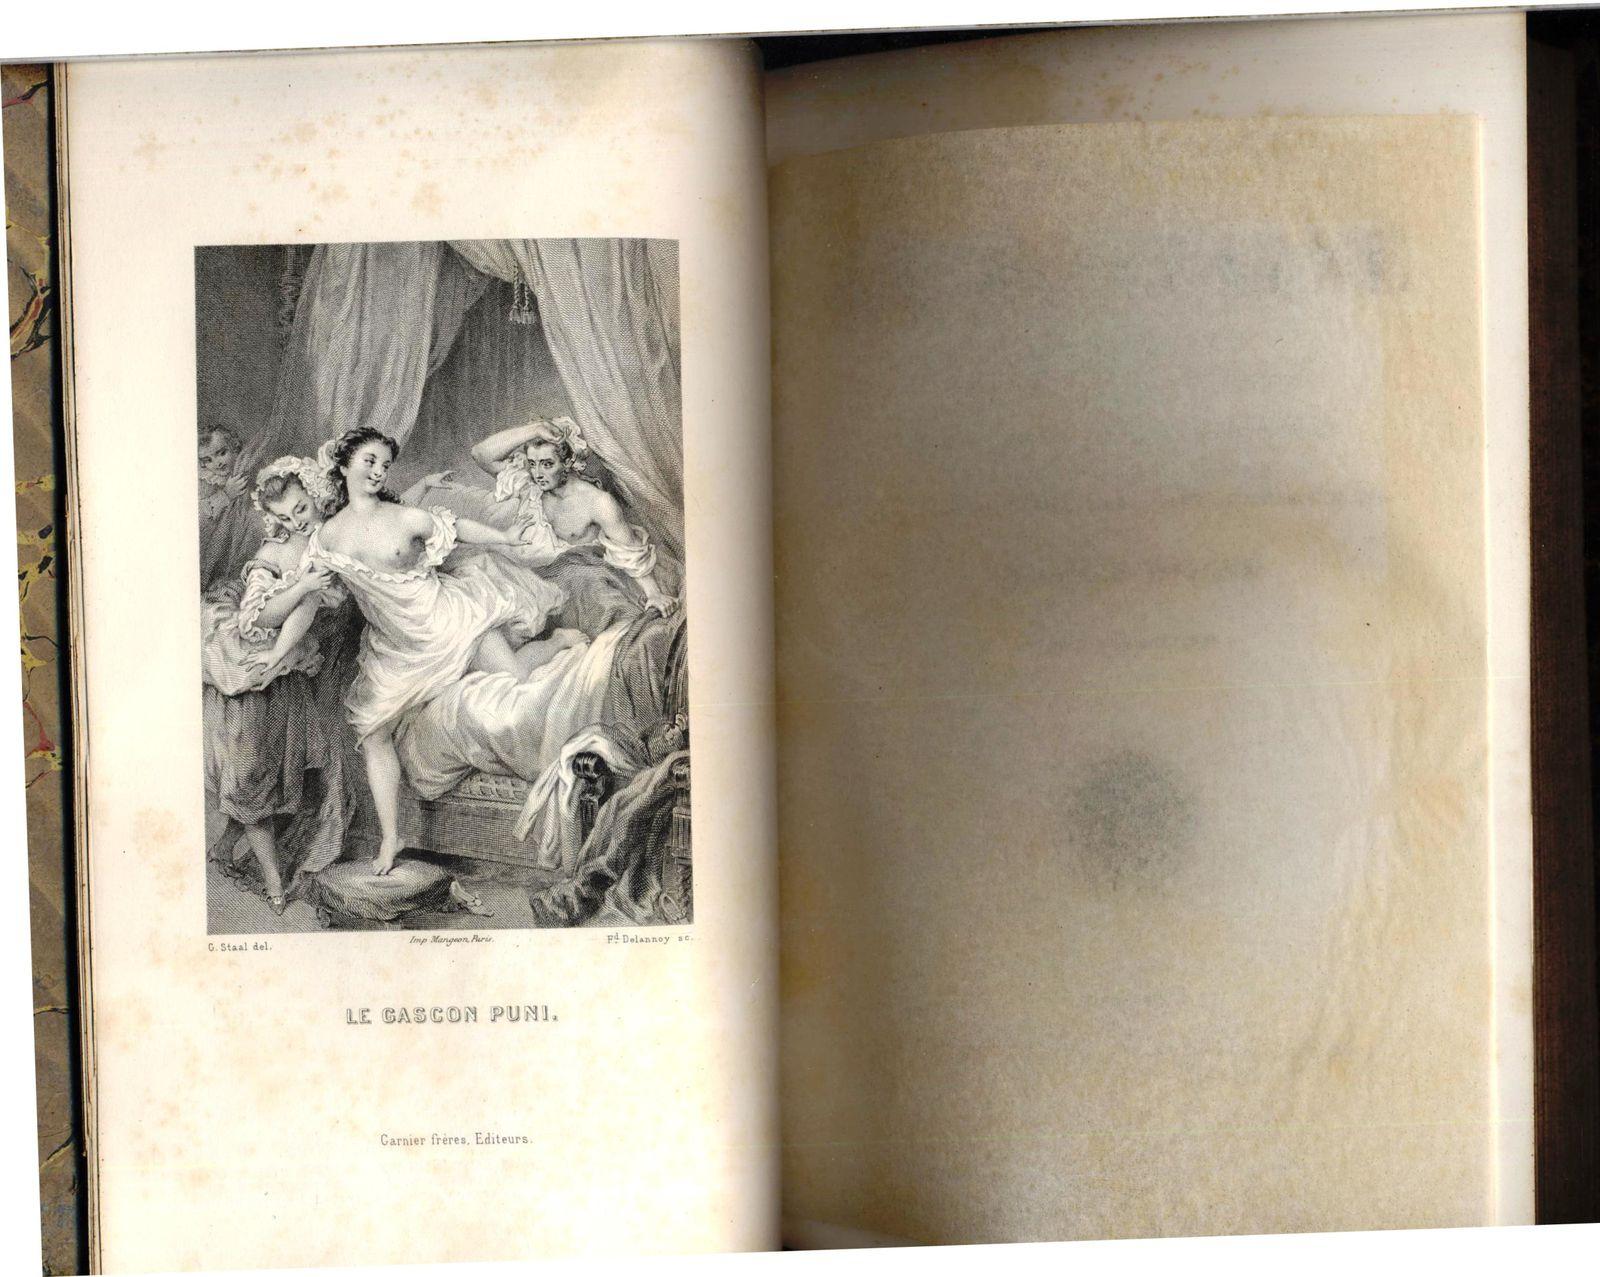 Oeuvres completes de La Fontaine Moland Garnier 5 tomes reliés